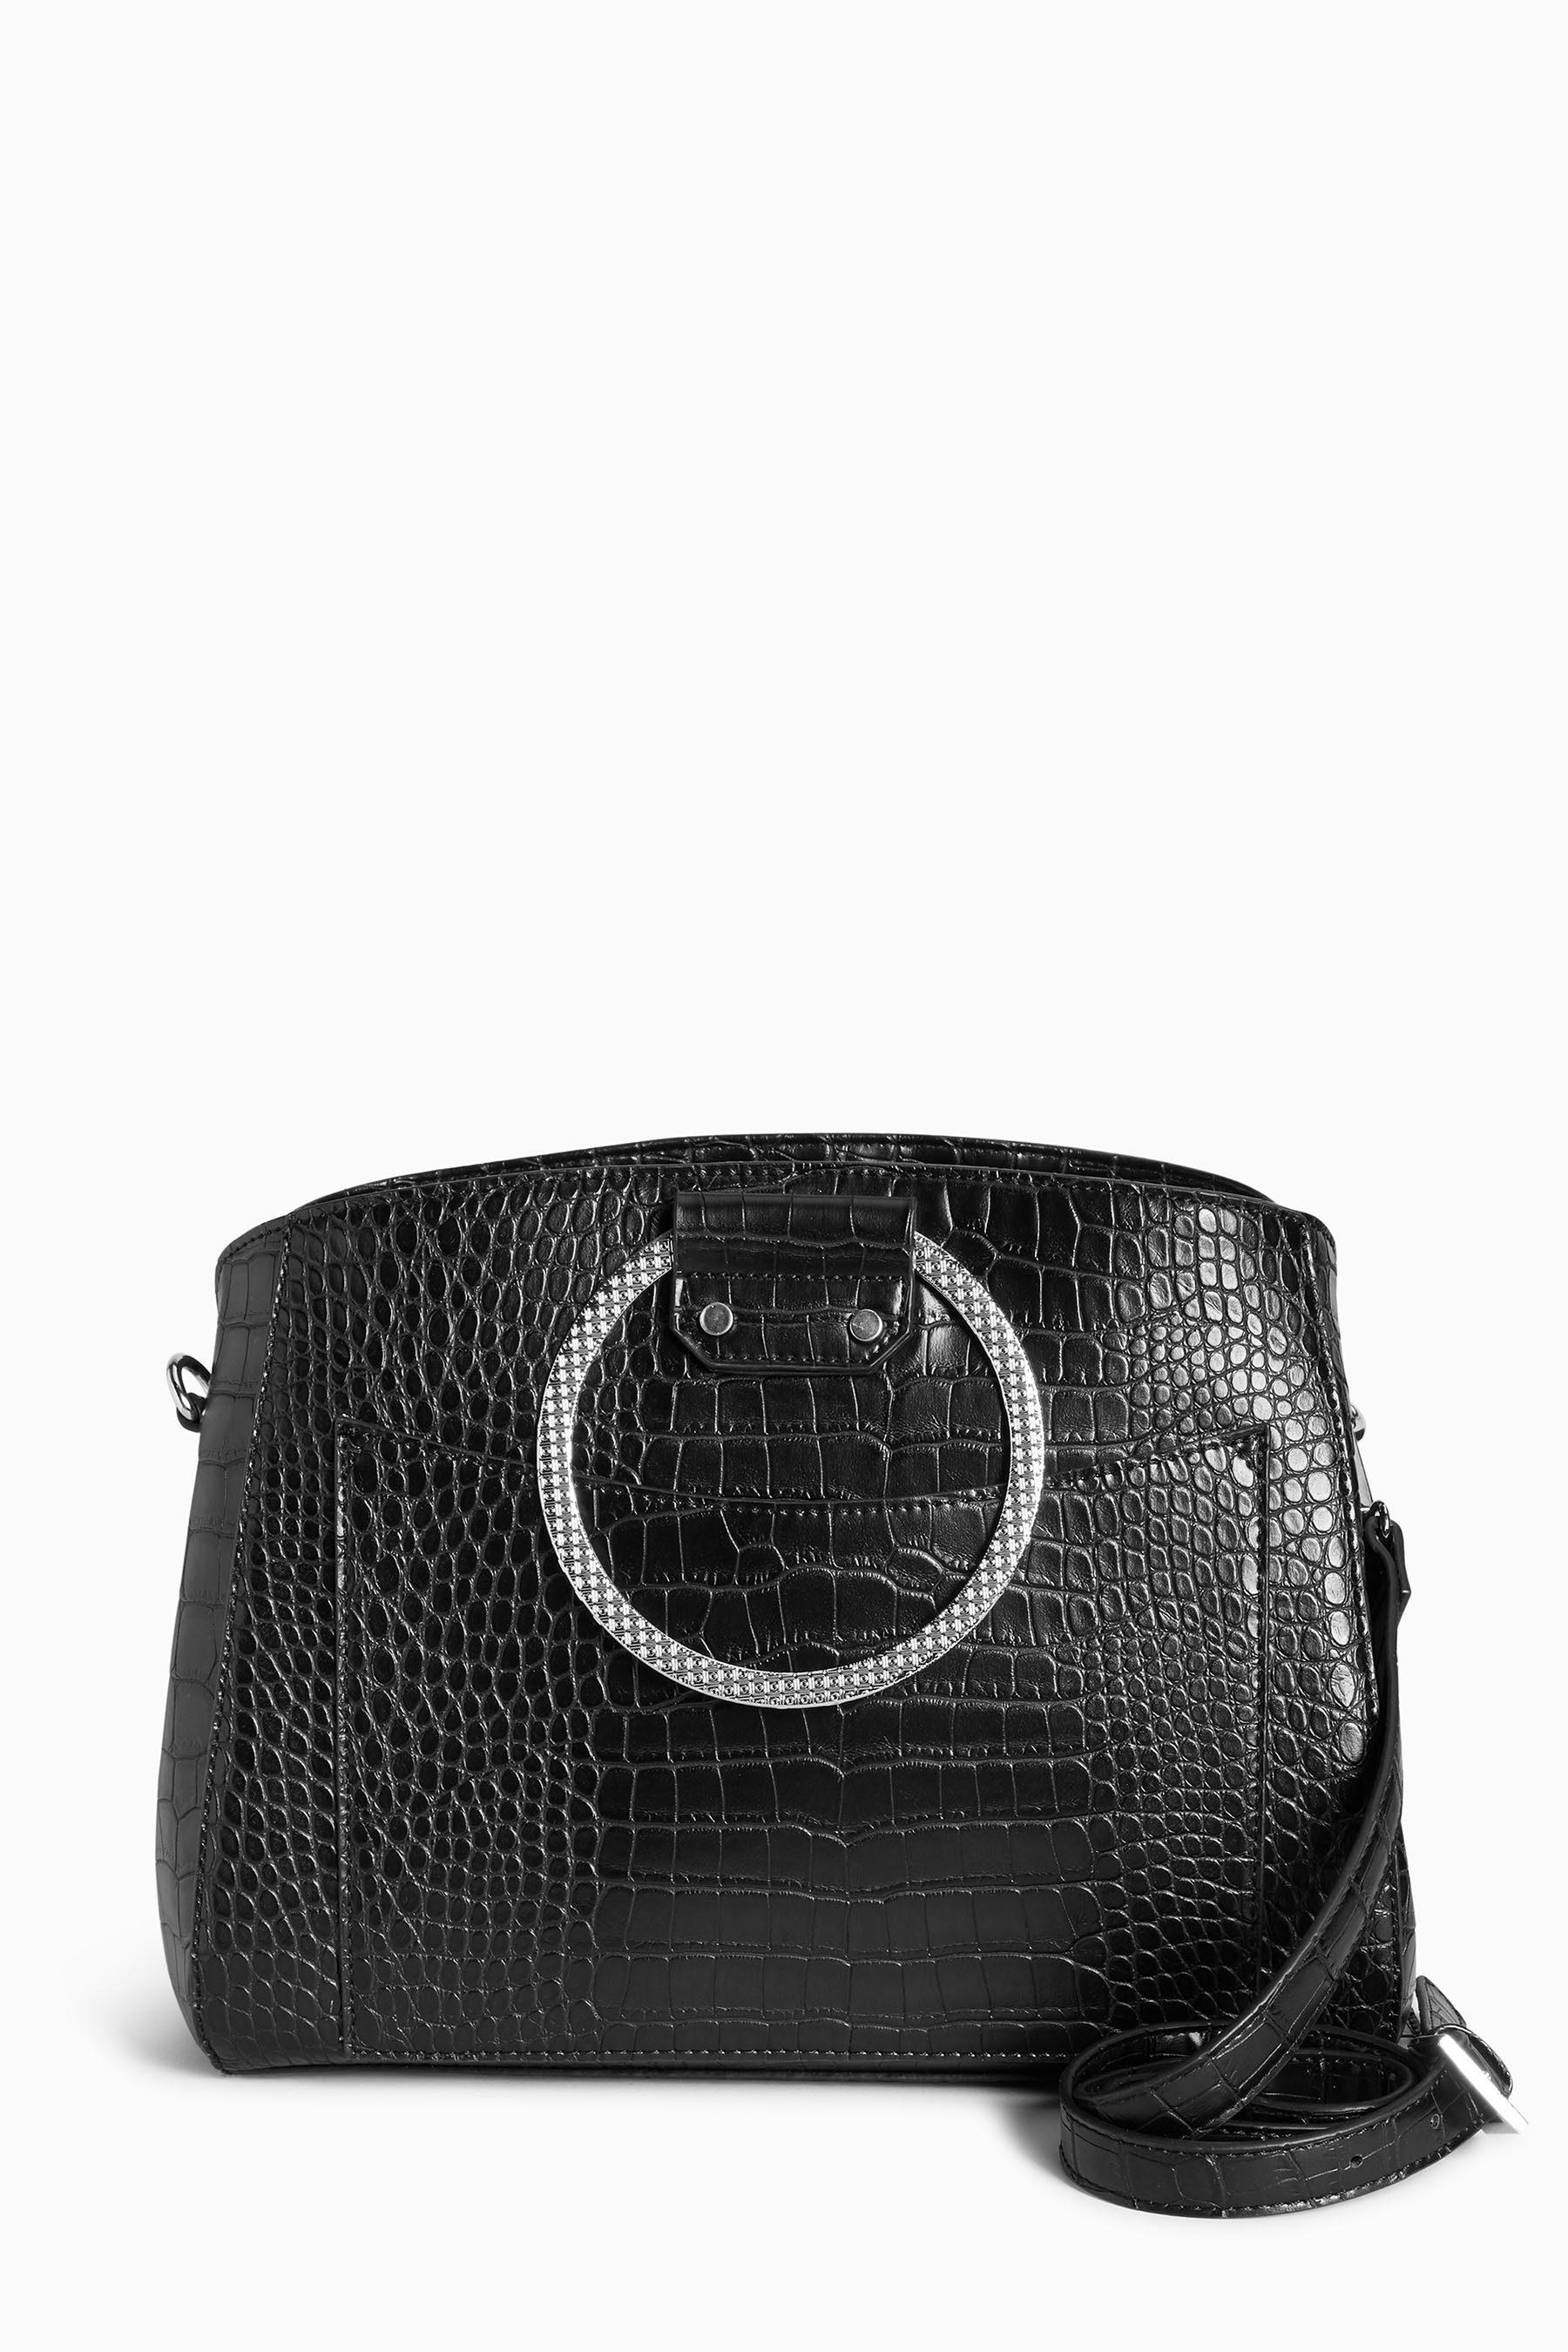 Next Handtasche mit Ring und Kroko-Optik